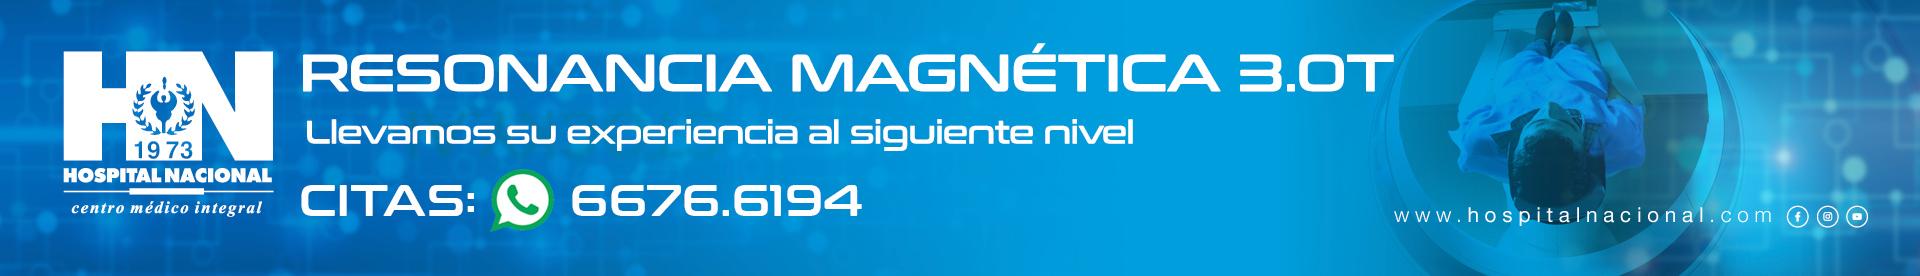 Nueva Resonancia Magnética 3.0T de Hospital Nacional